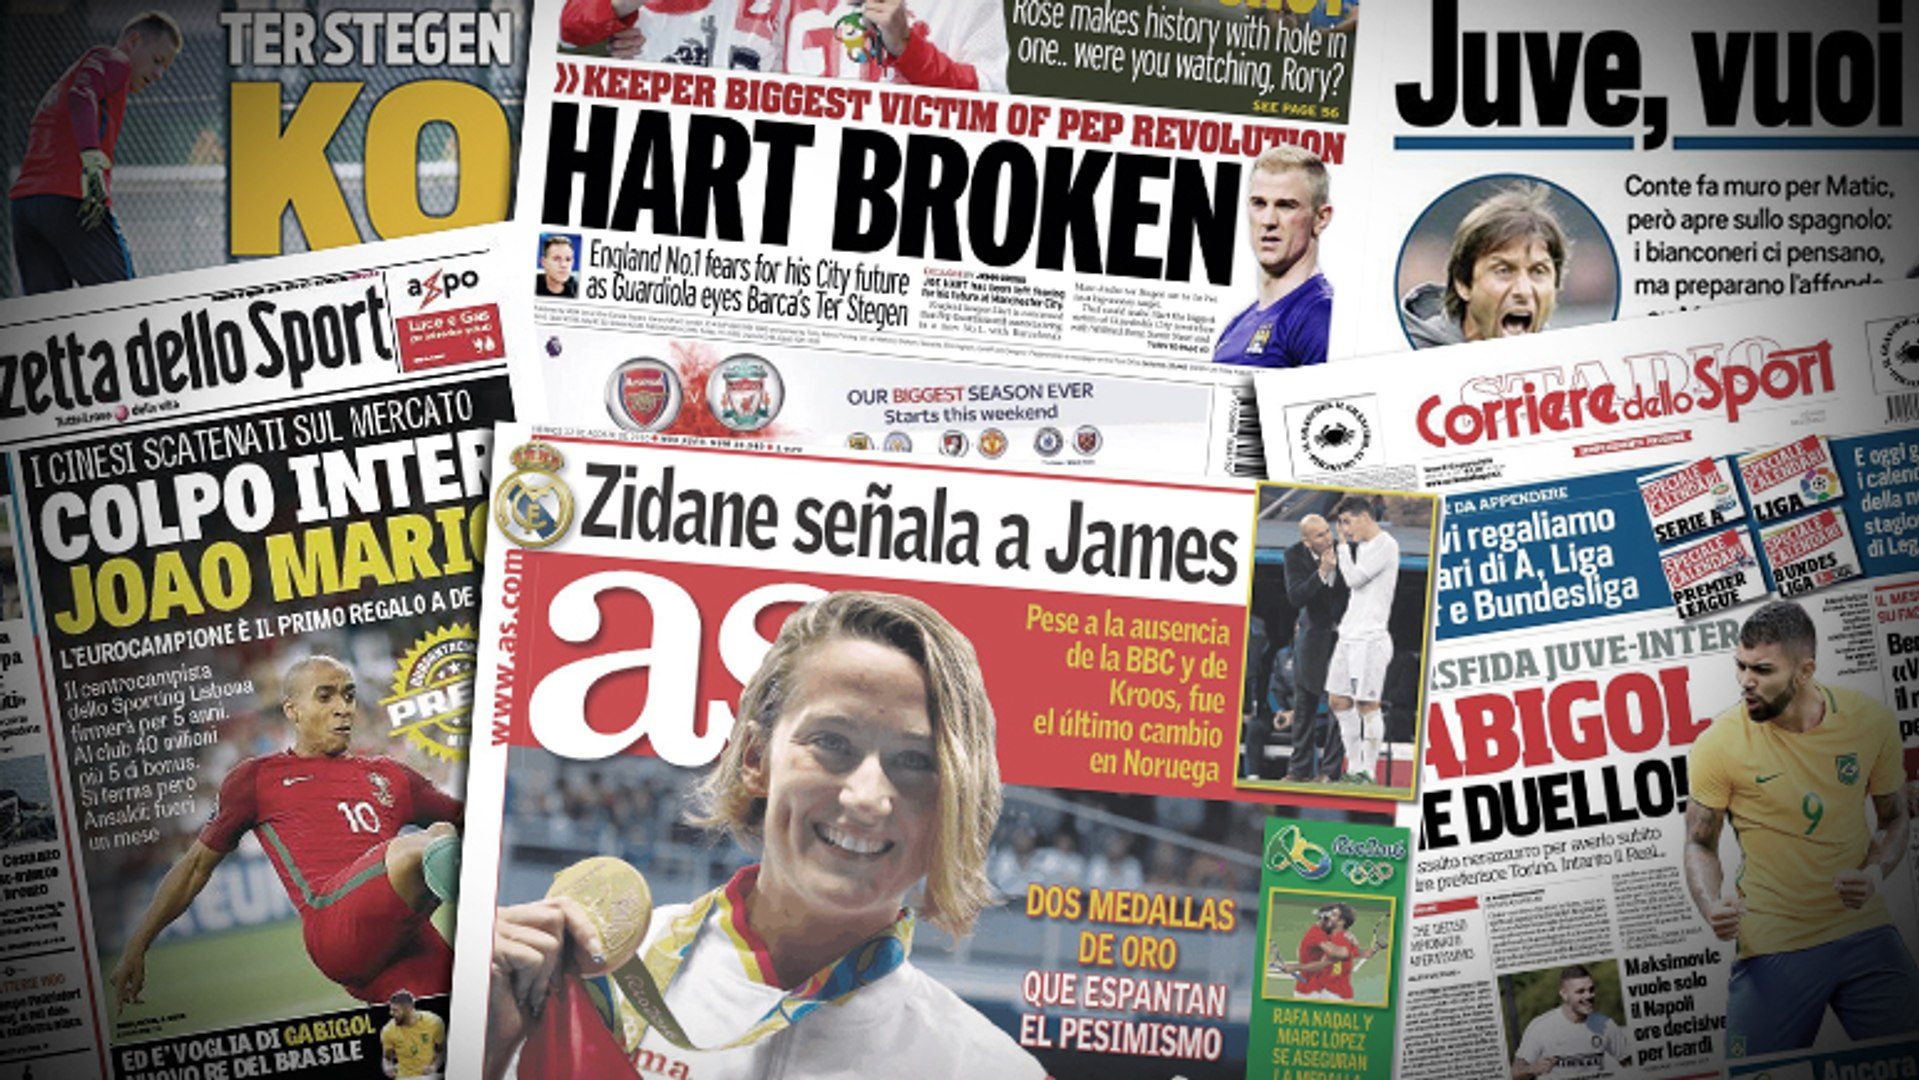 Retournement de situation pour James Rodriguez, une star sacrifiée par Chelsea